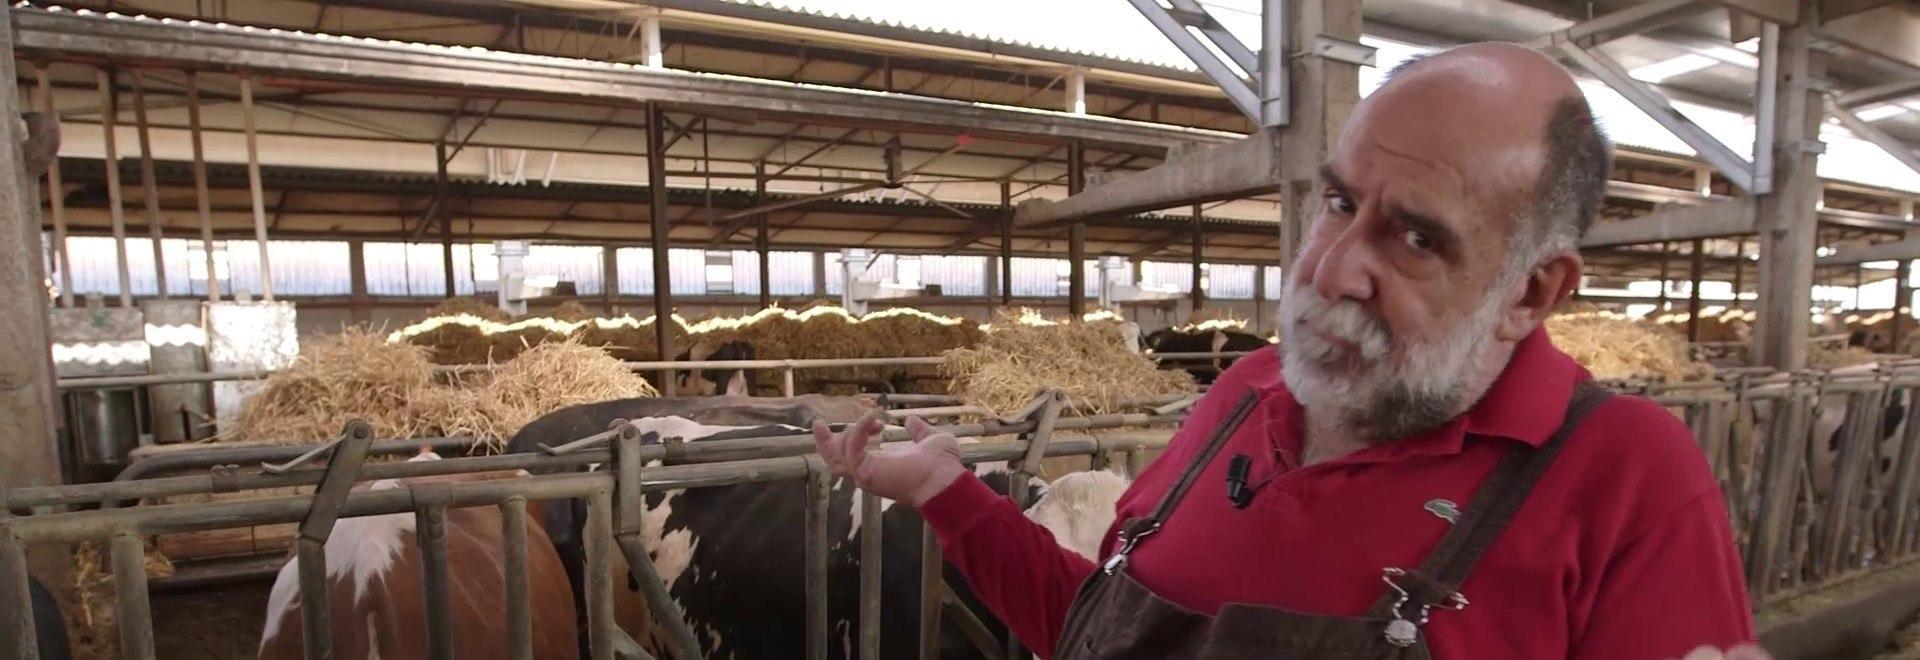 Formaggio di capra